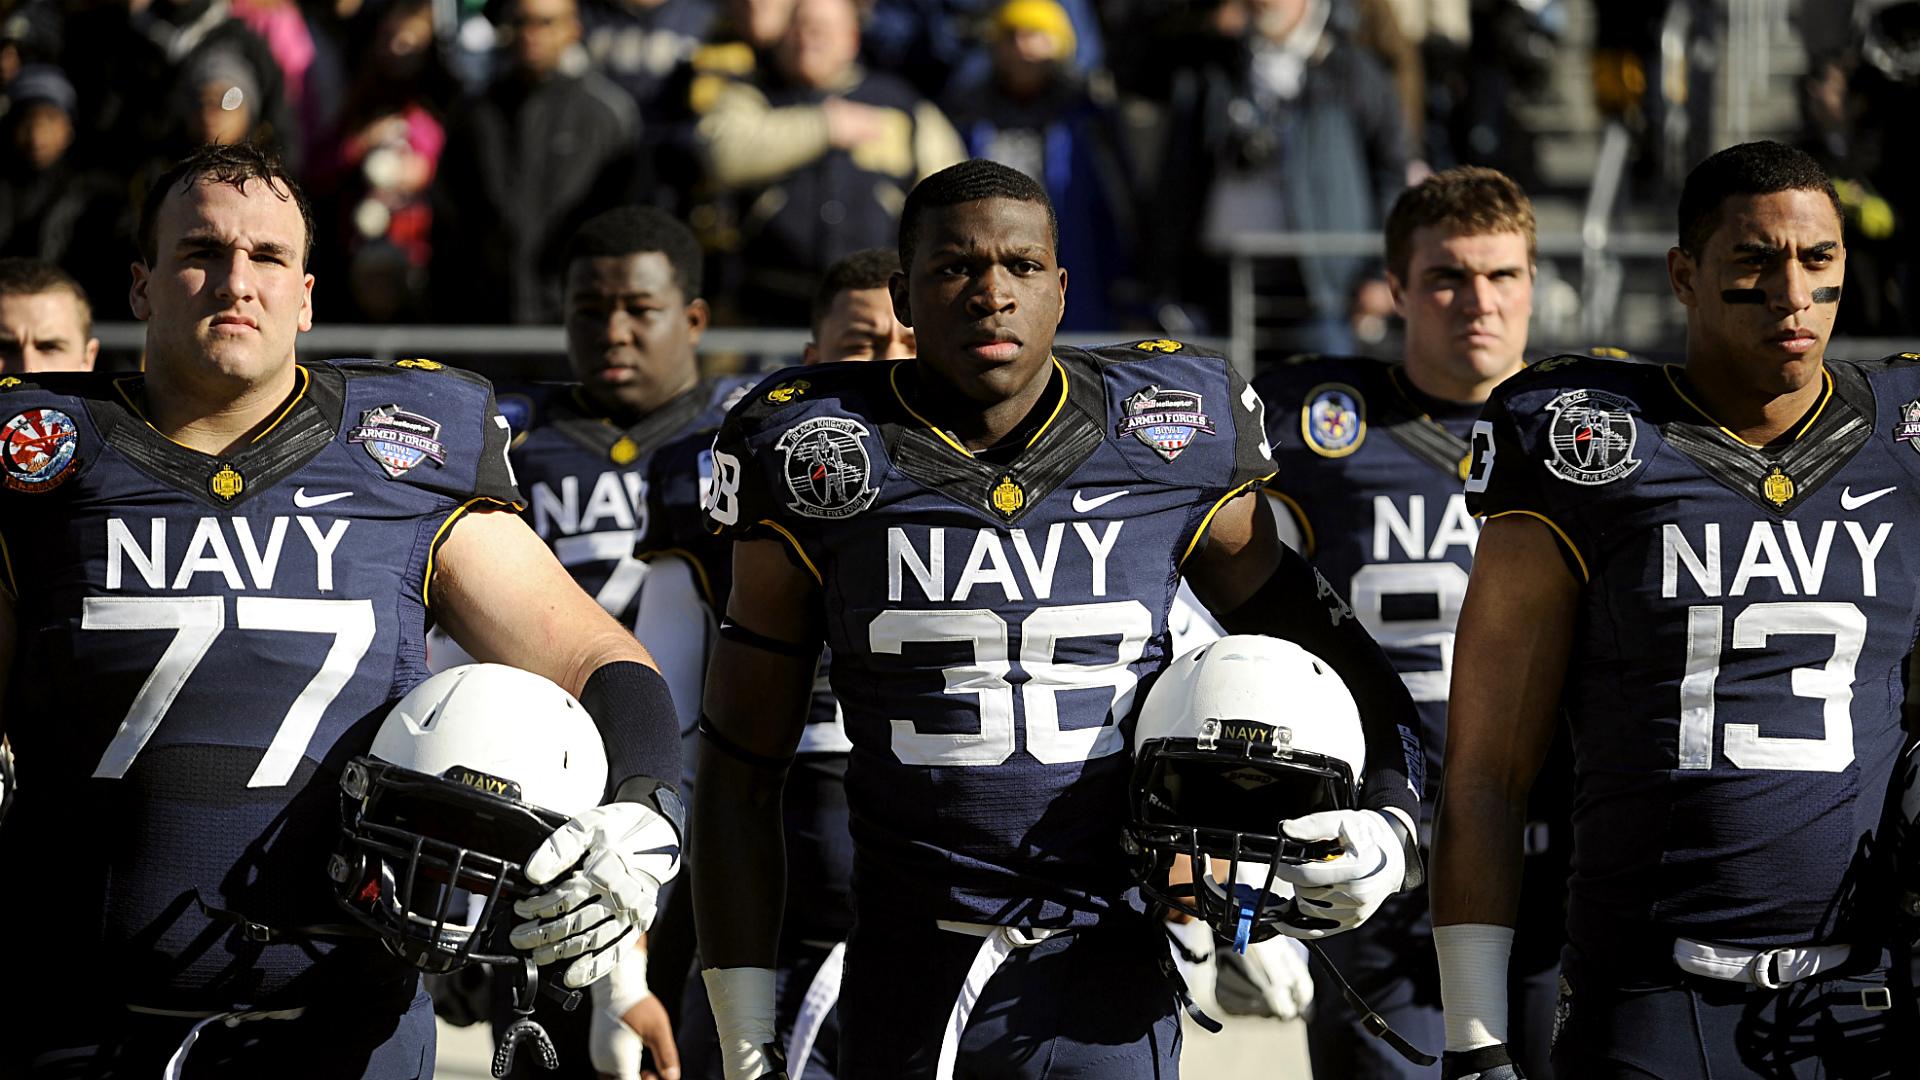 navy-midshipmen-12-30-13-AP-FTR